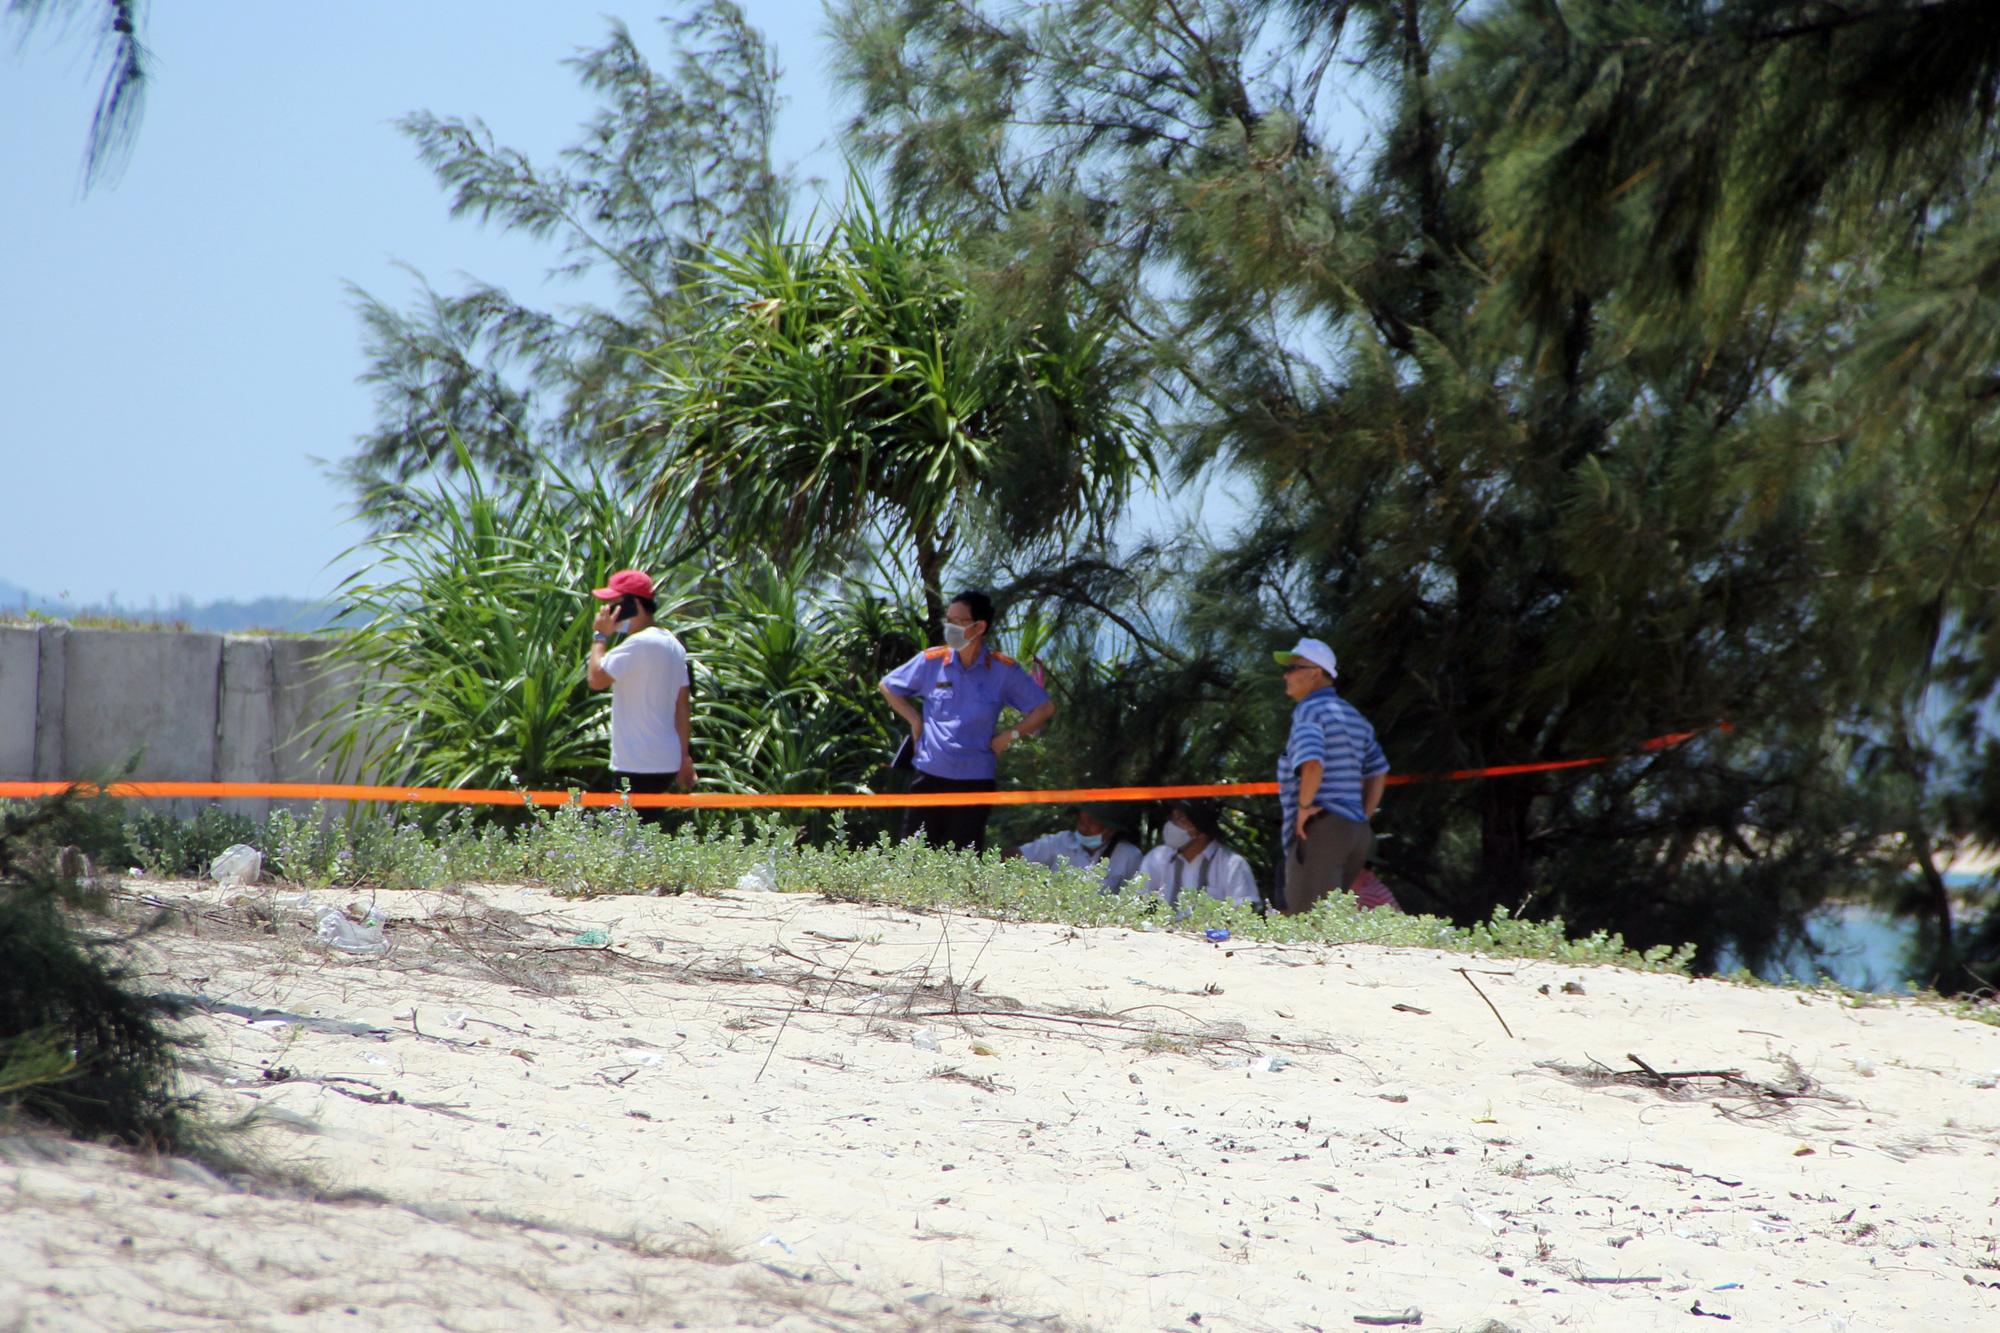 Truy tố kẻ giết người, hiếp dâm và chôn xác bé gái phi tang rúng động ở Phú Yên - Ảnh 3.